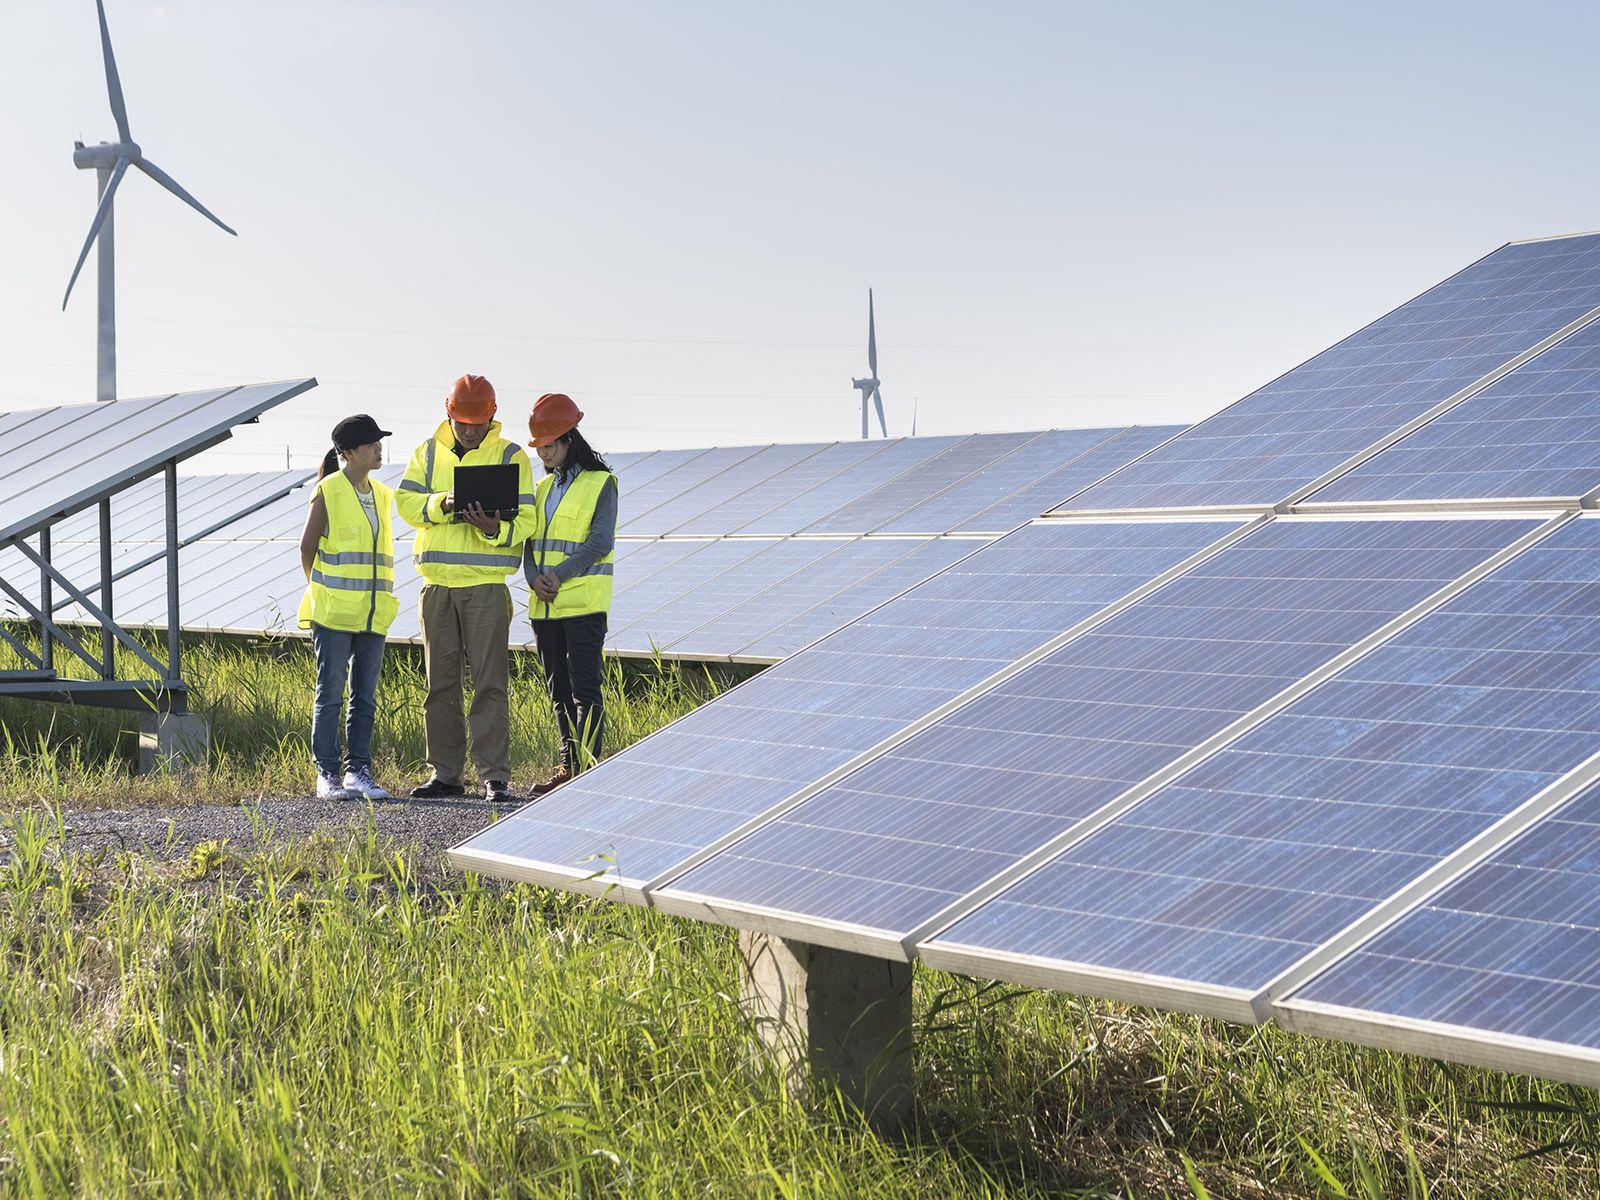 ingenieros trabajando en instalación de energía solar y eólica